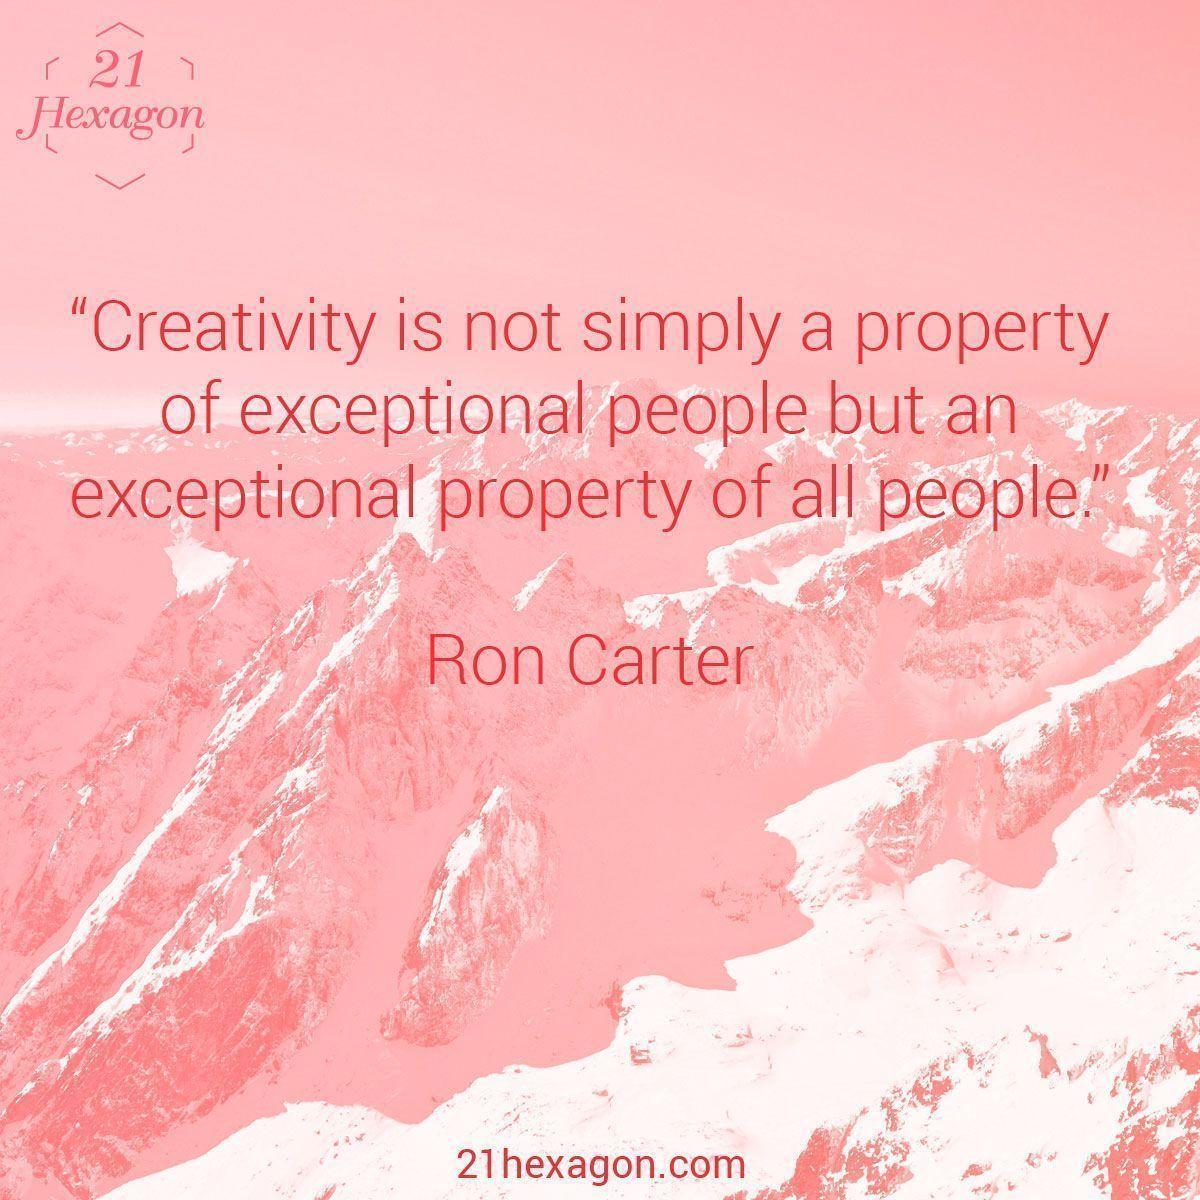 quotes_21hexagon_10.jpg